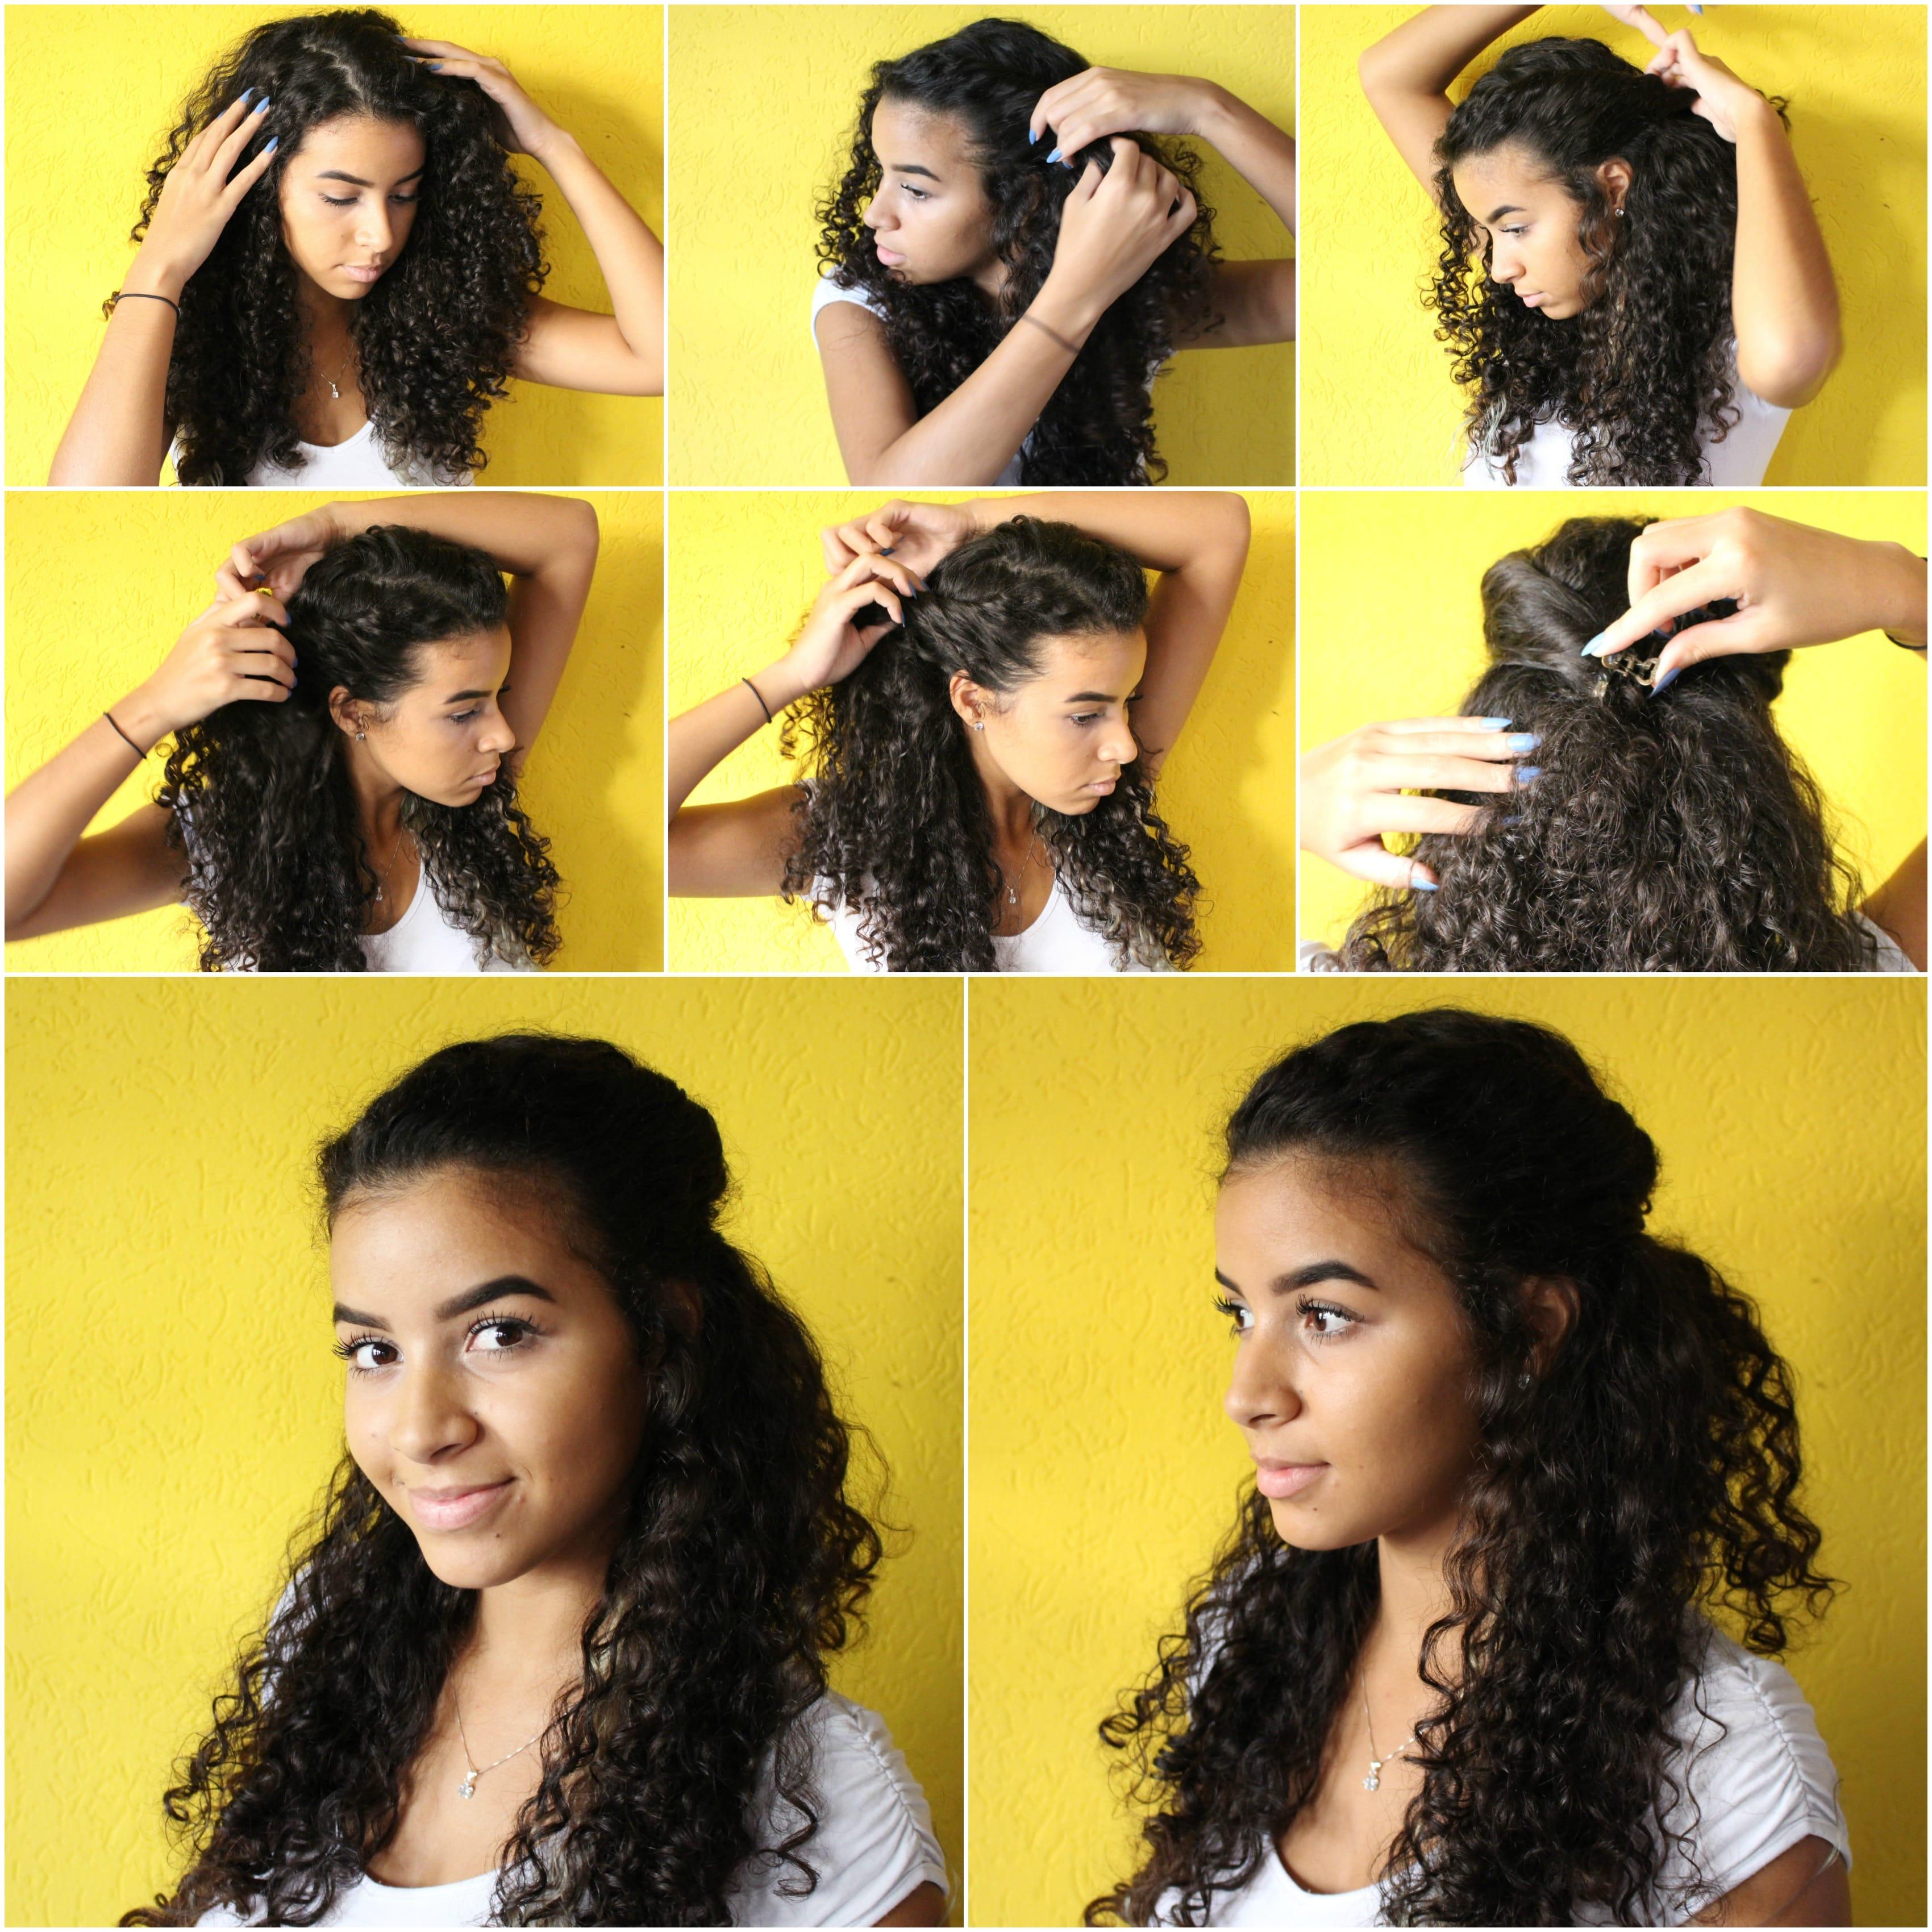 Penteados: 3 dicas para penteados presos e semi presos